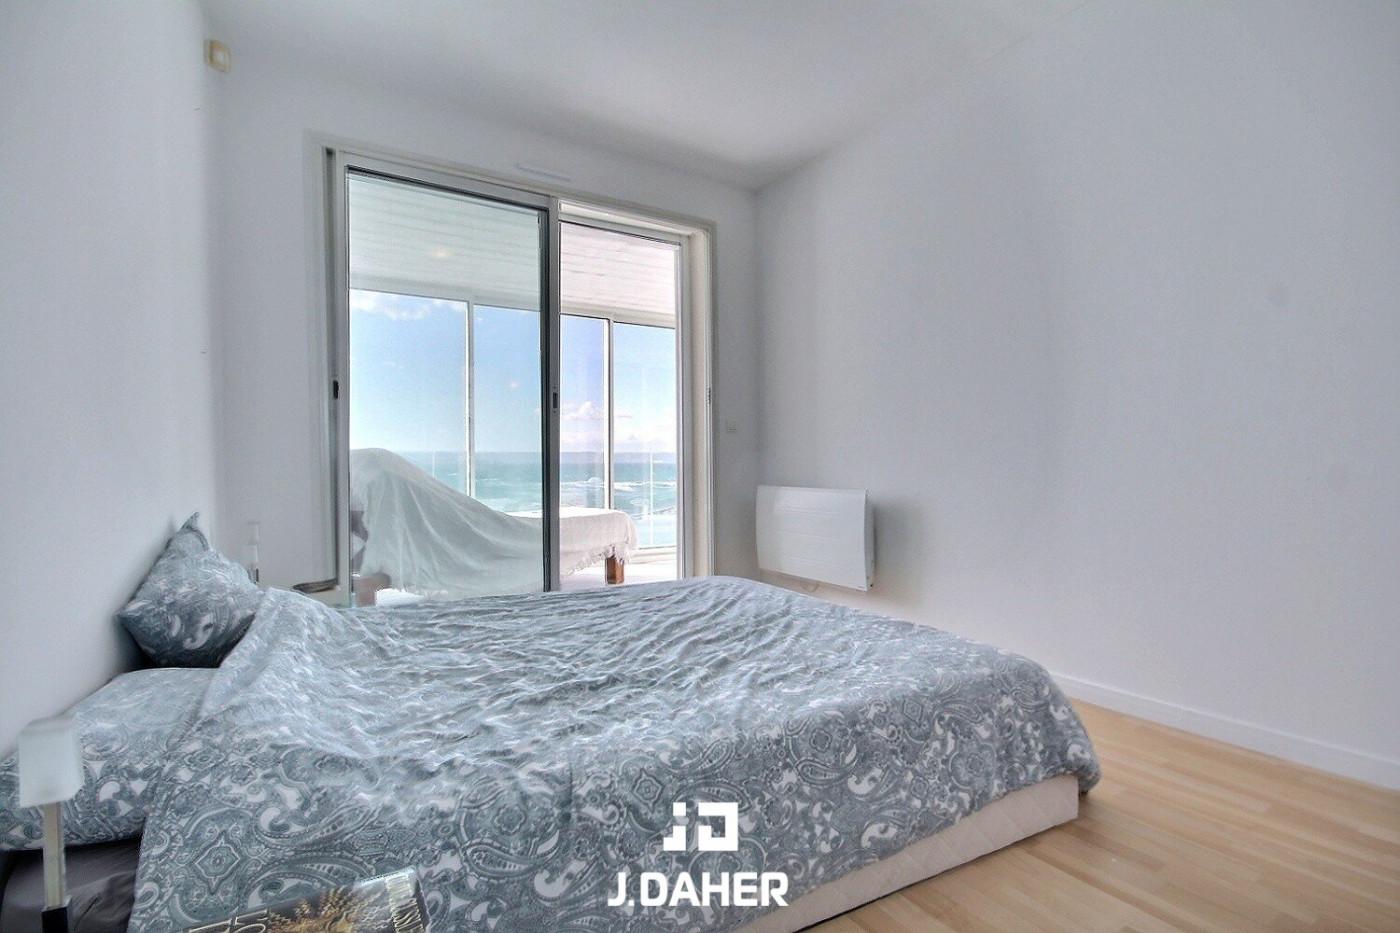 A vendre  Marseille 8eme Arrondissement | Réf 130251074 - J daher immobilier